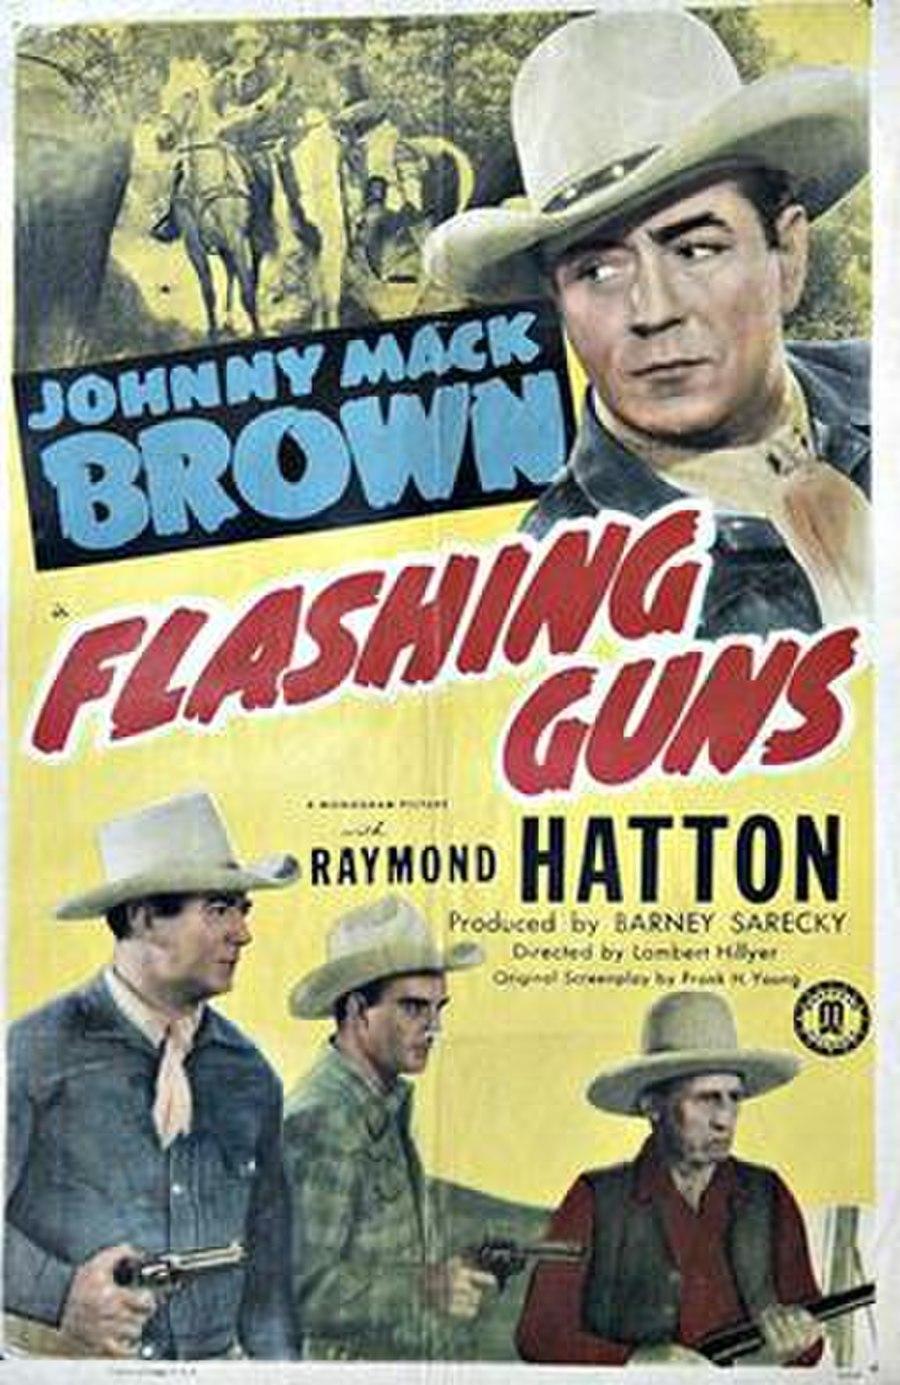 Flashing Guns